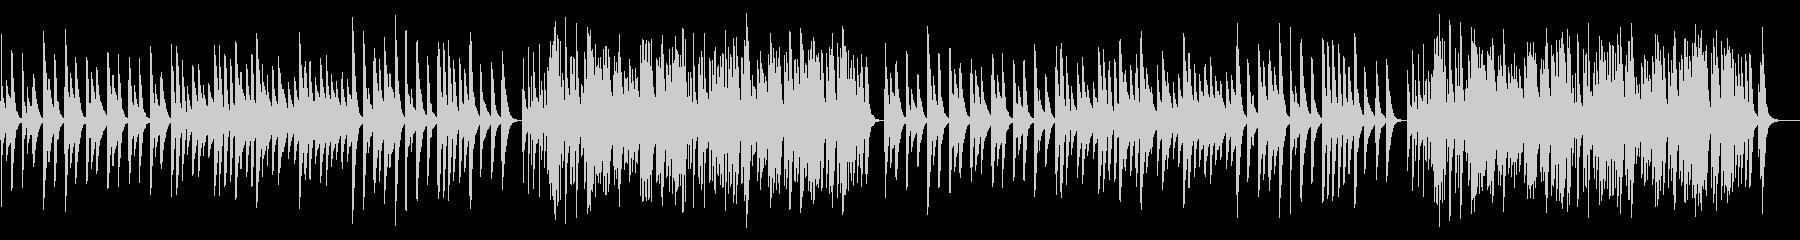 カノン 18弁オルゴールの未再生の波形